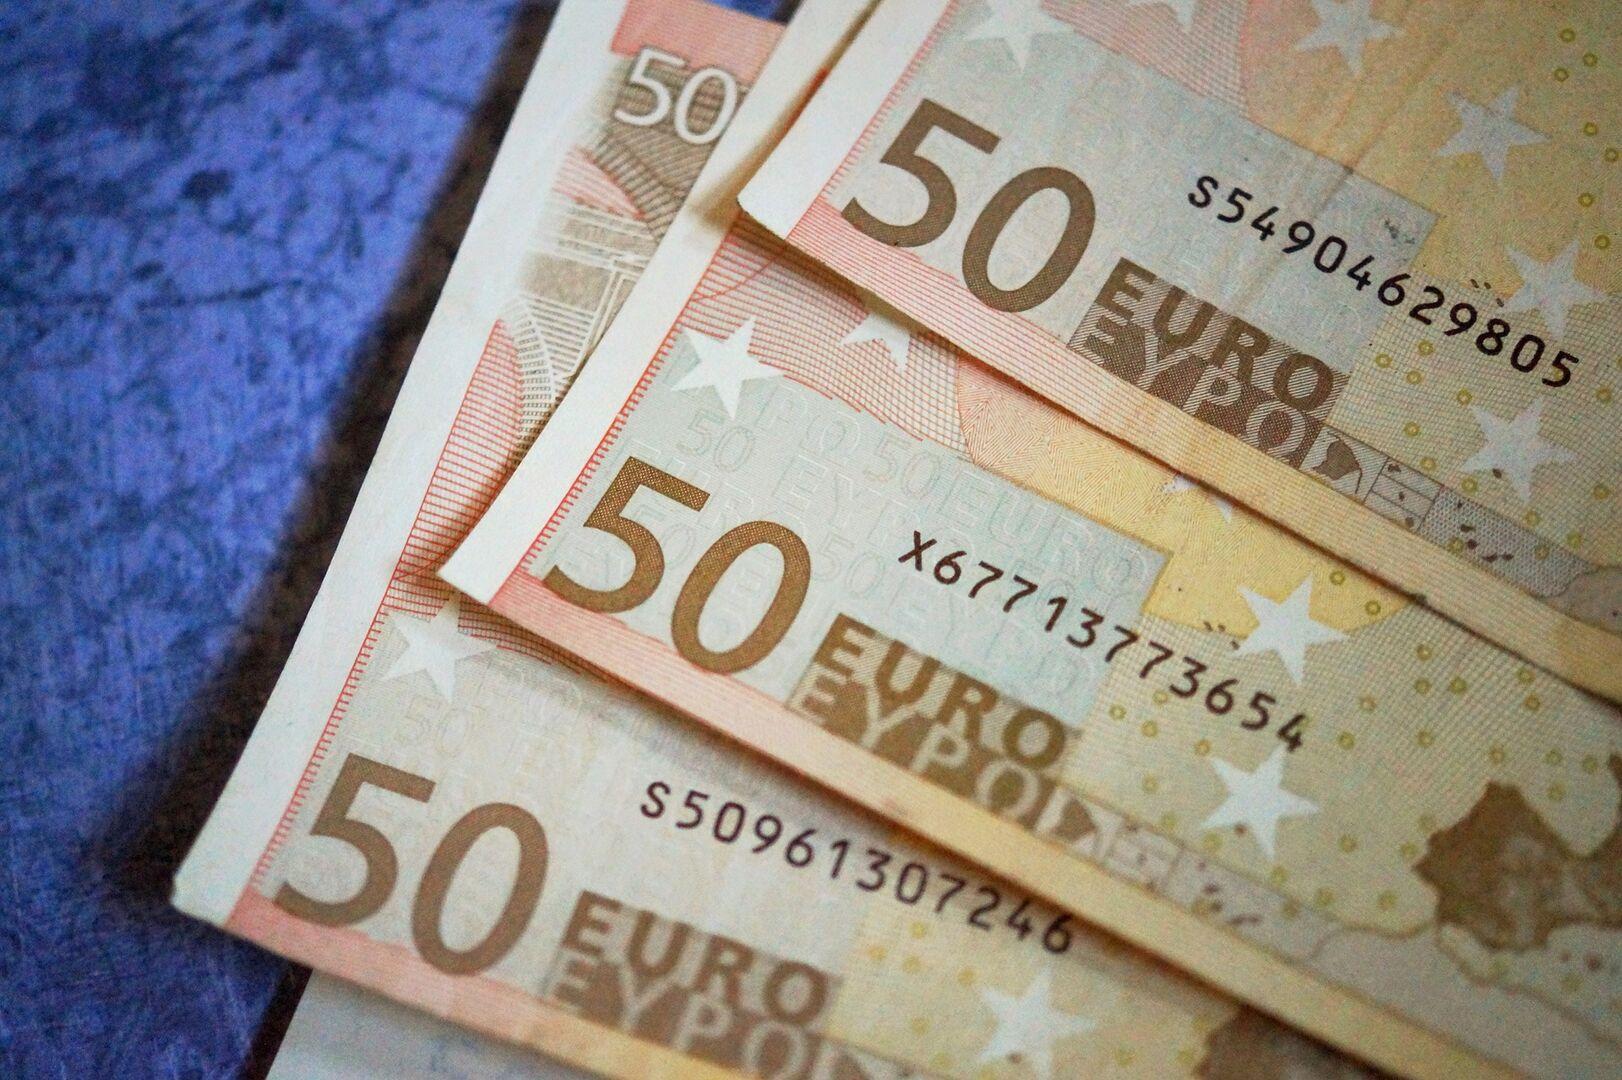 Los ricos españoles invierten en acciones y depósitos 3 de cada 4 euros de su patrimonio